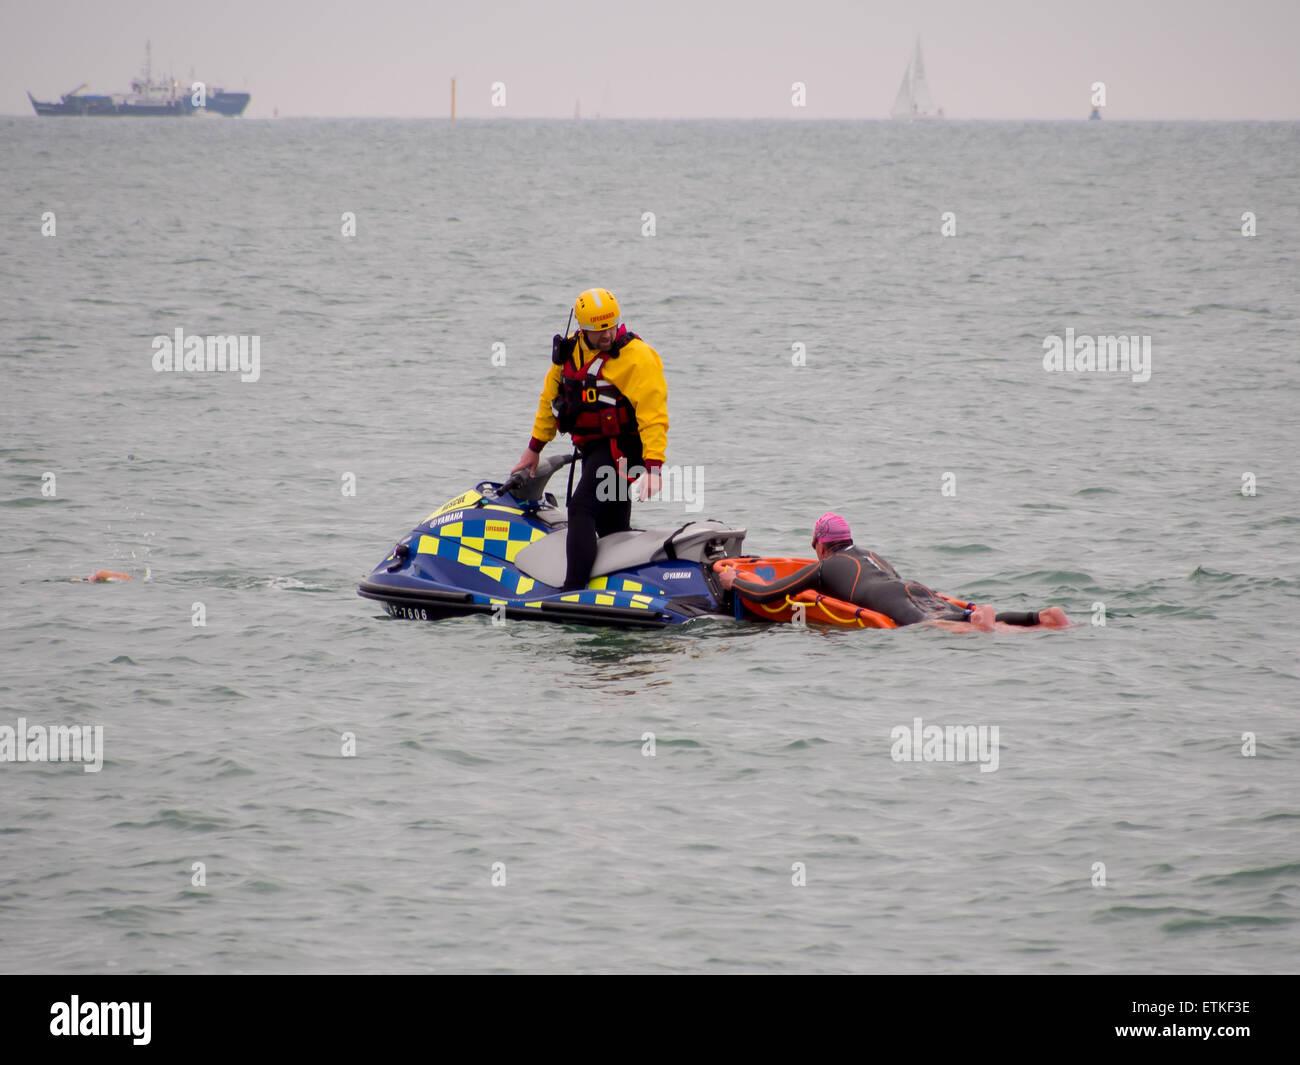 Un socorrista de una moto de agua ayuda a un nadador que está en dificultad, durante un evento en el Solent triatlón Foto de stock